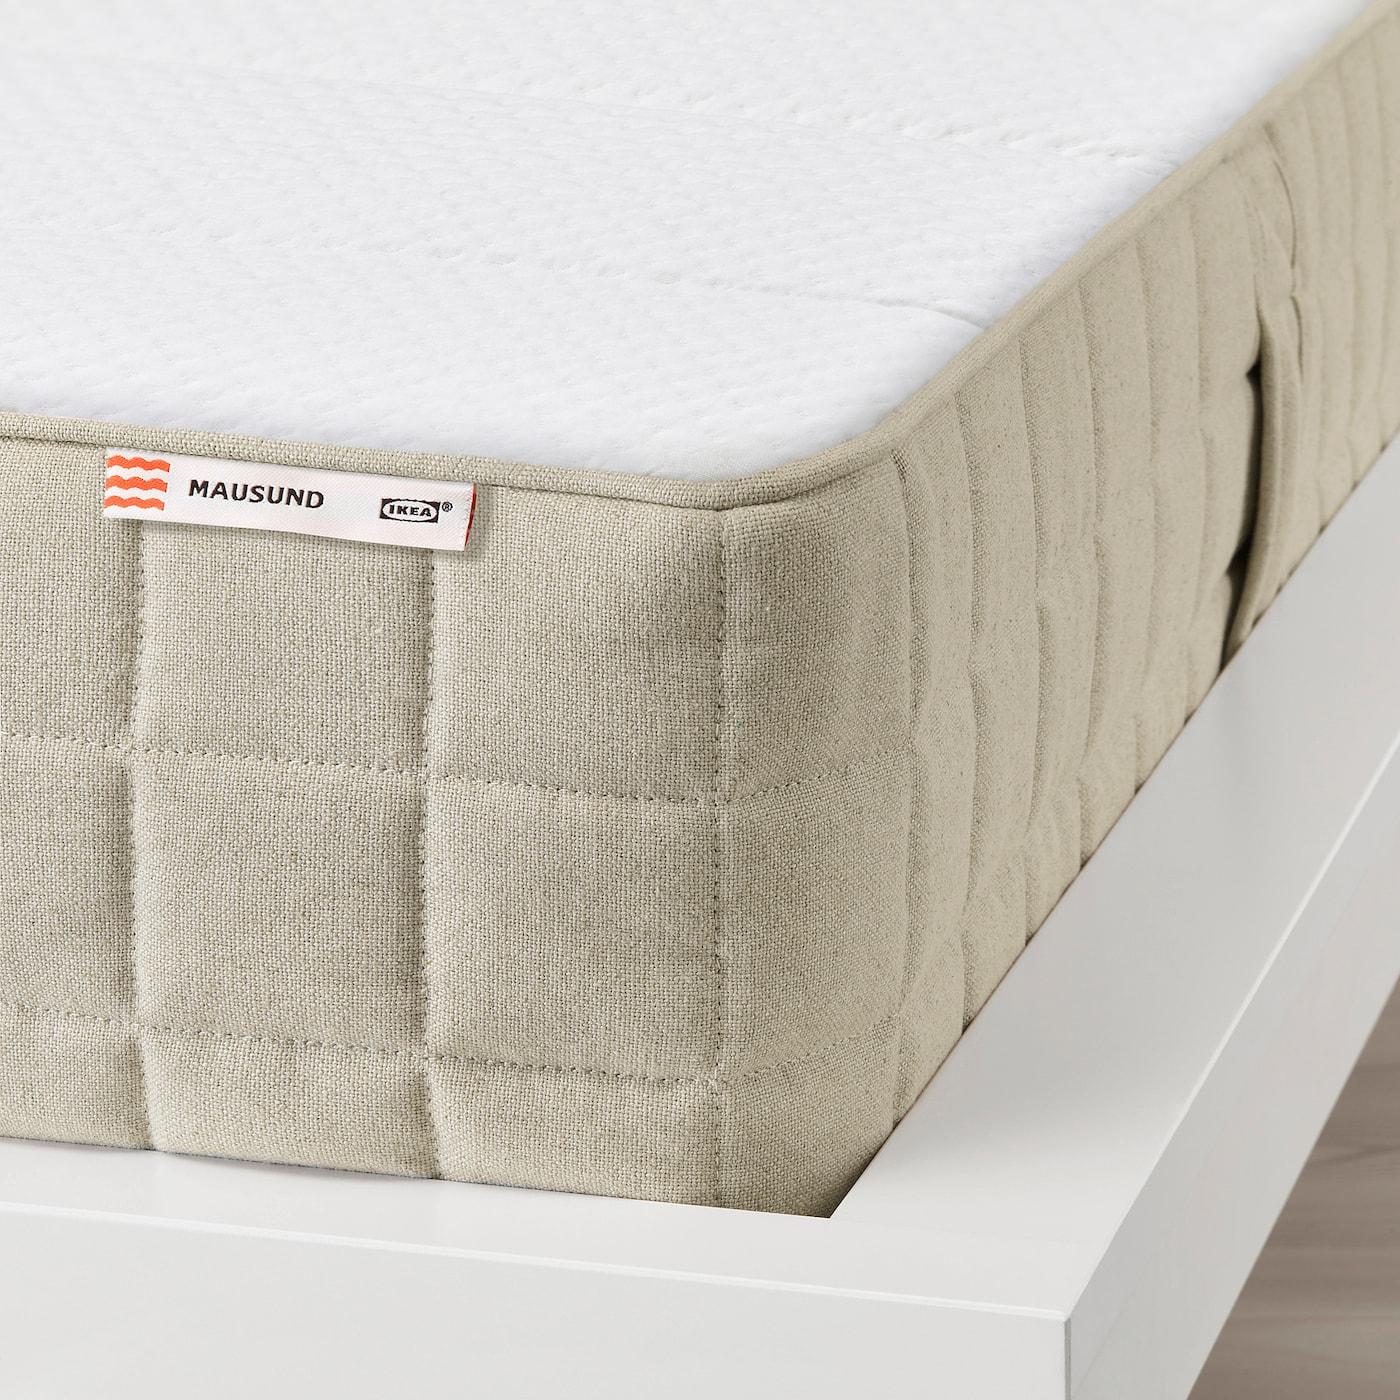 Mausund Matelas Latex Naturel Mi Ferme Naturel 90x200 Cm Ikea